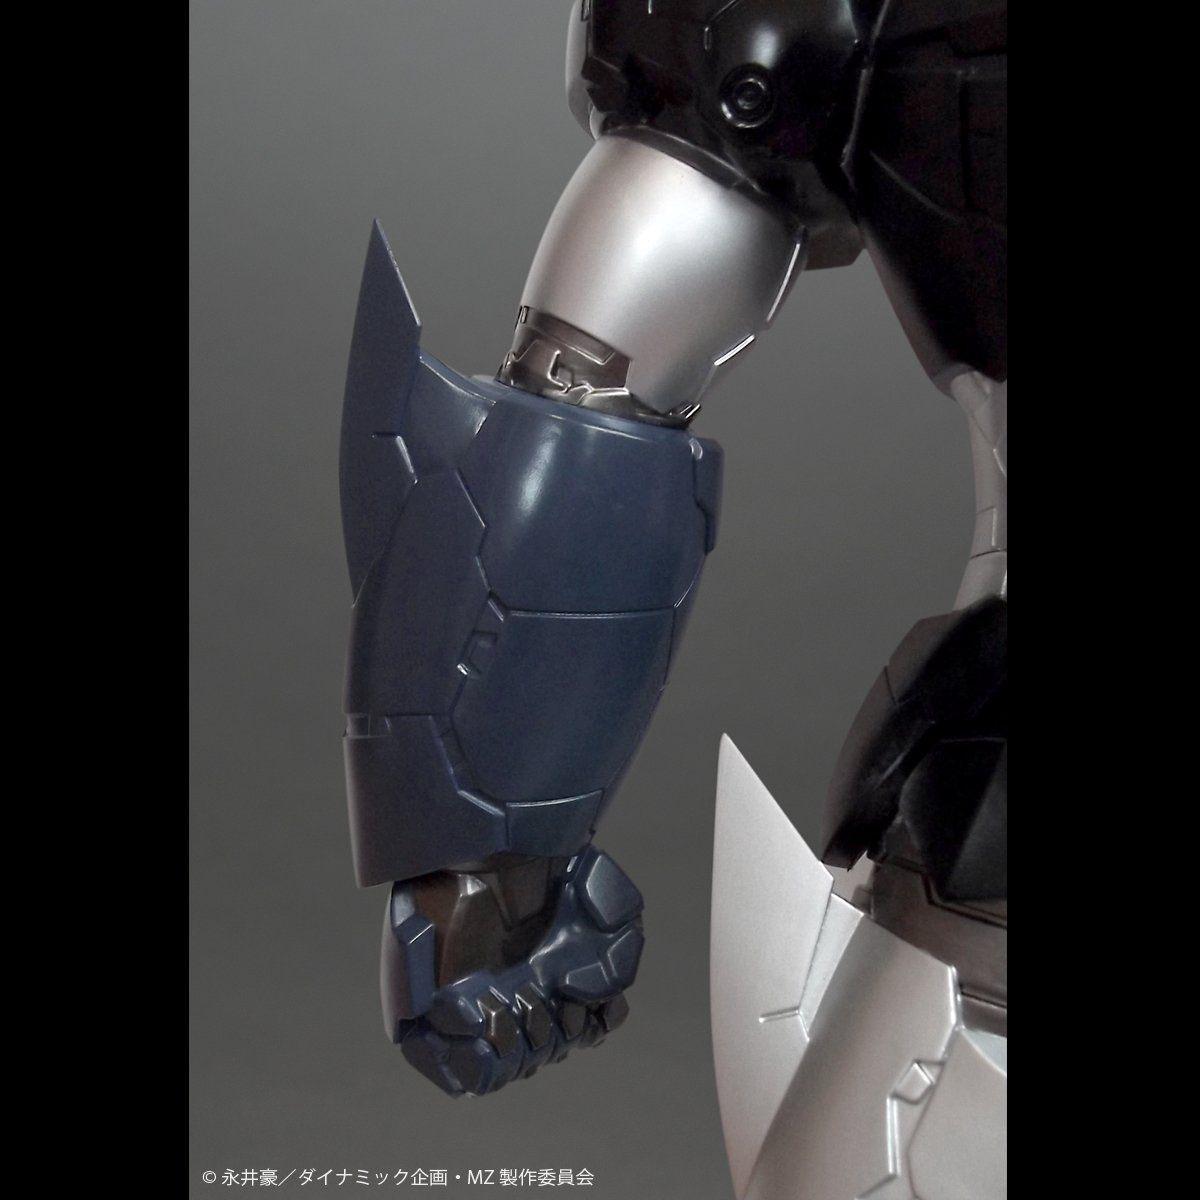 ジャンボソフビフィギュア『グレートマジンガー(INFINITY)』完成品フィギュア-006